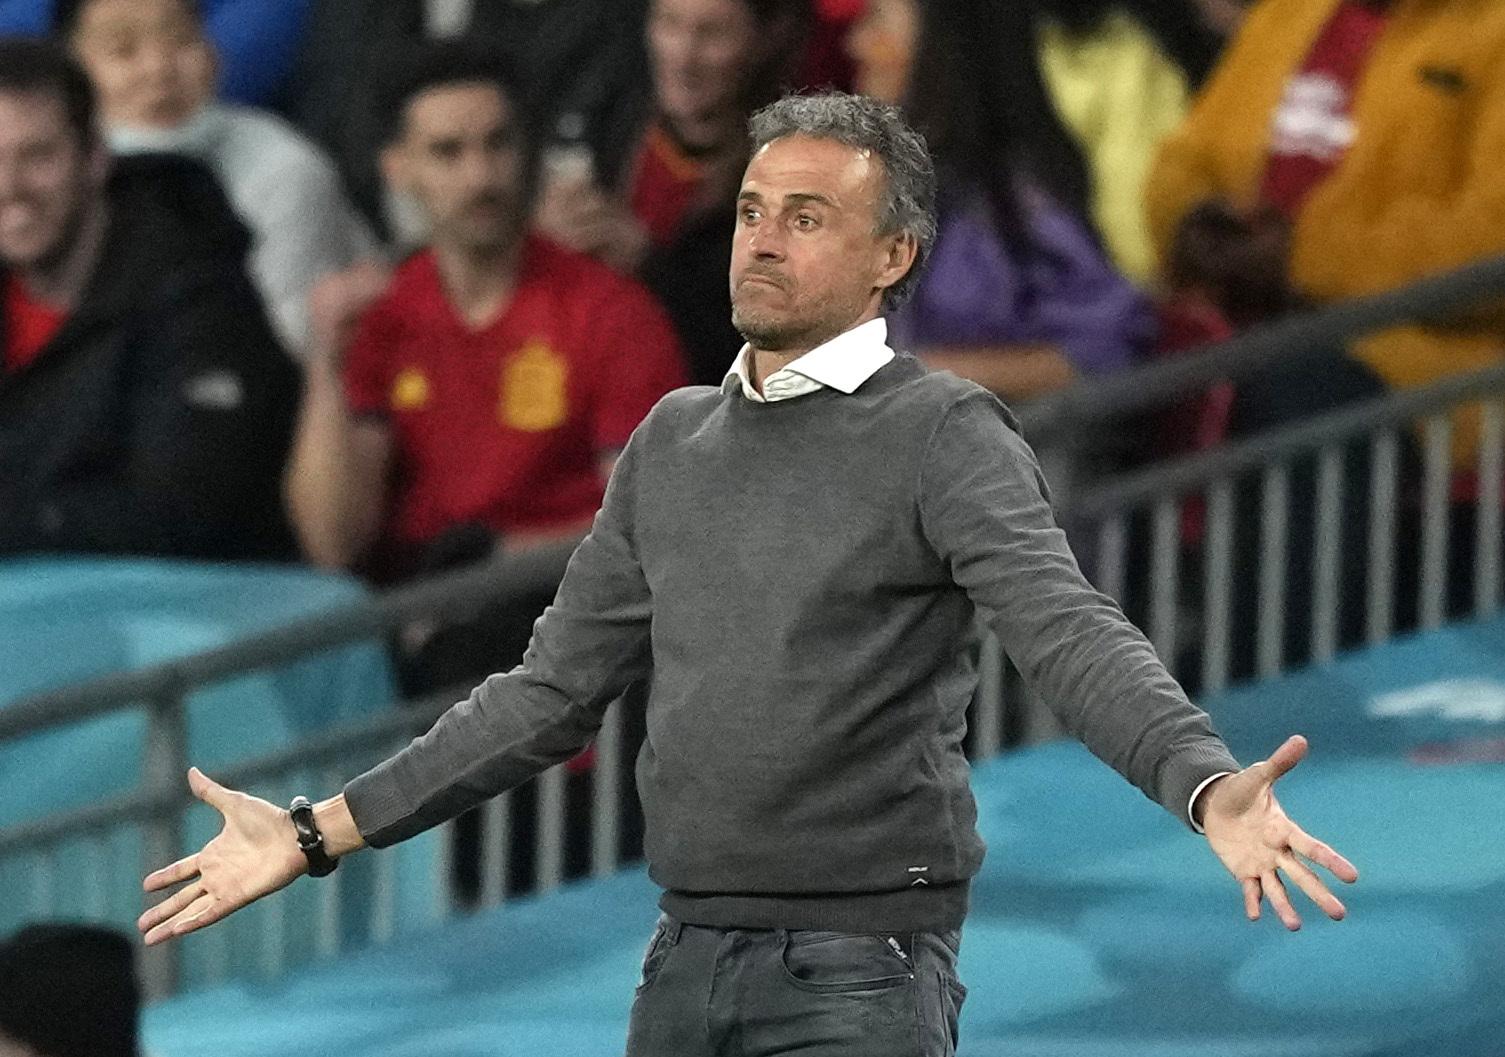 استبعاد لاعبي ريال مدريد من تشكيلة إسبانيا